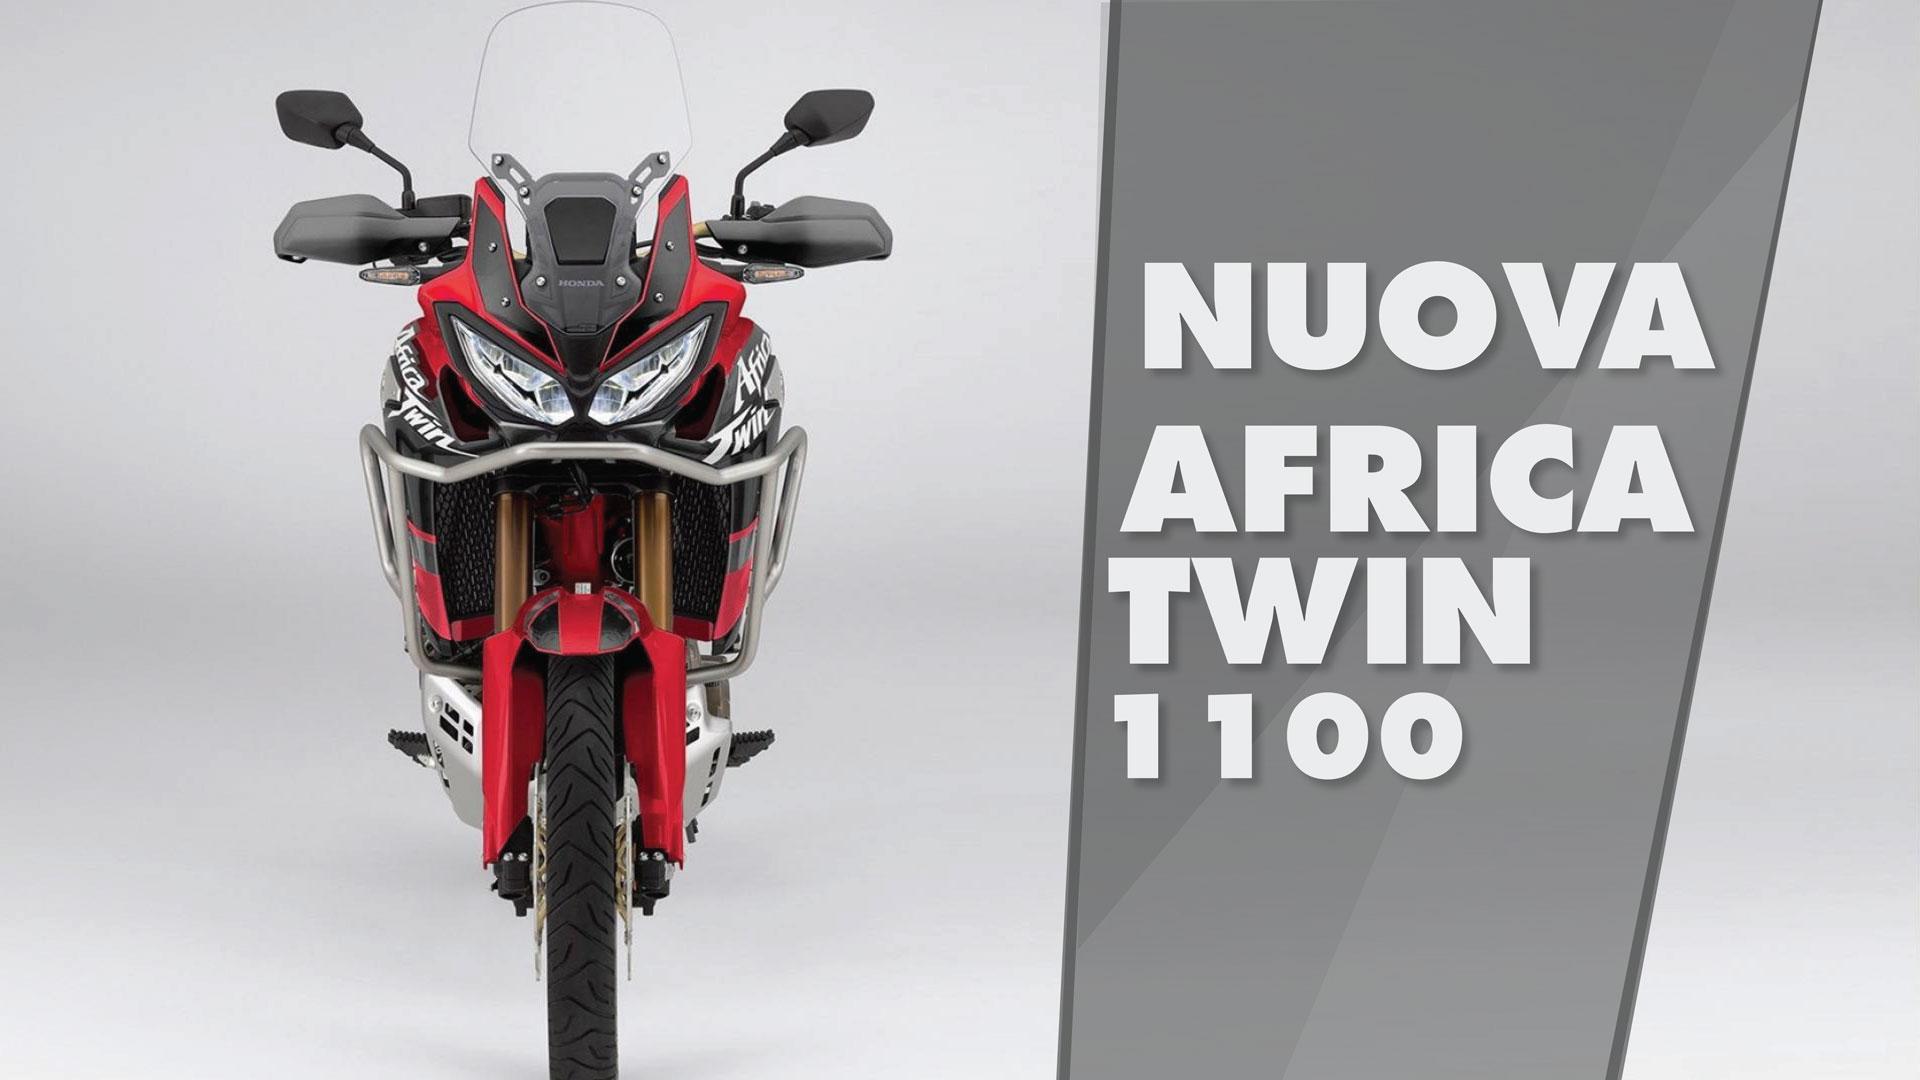 nuova-africa-twin-2020-copertina